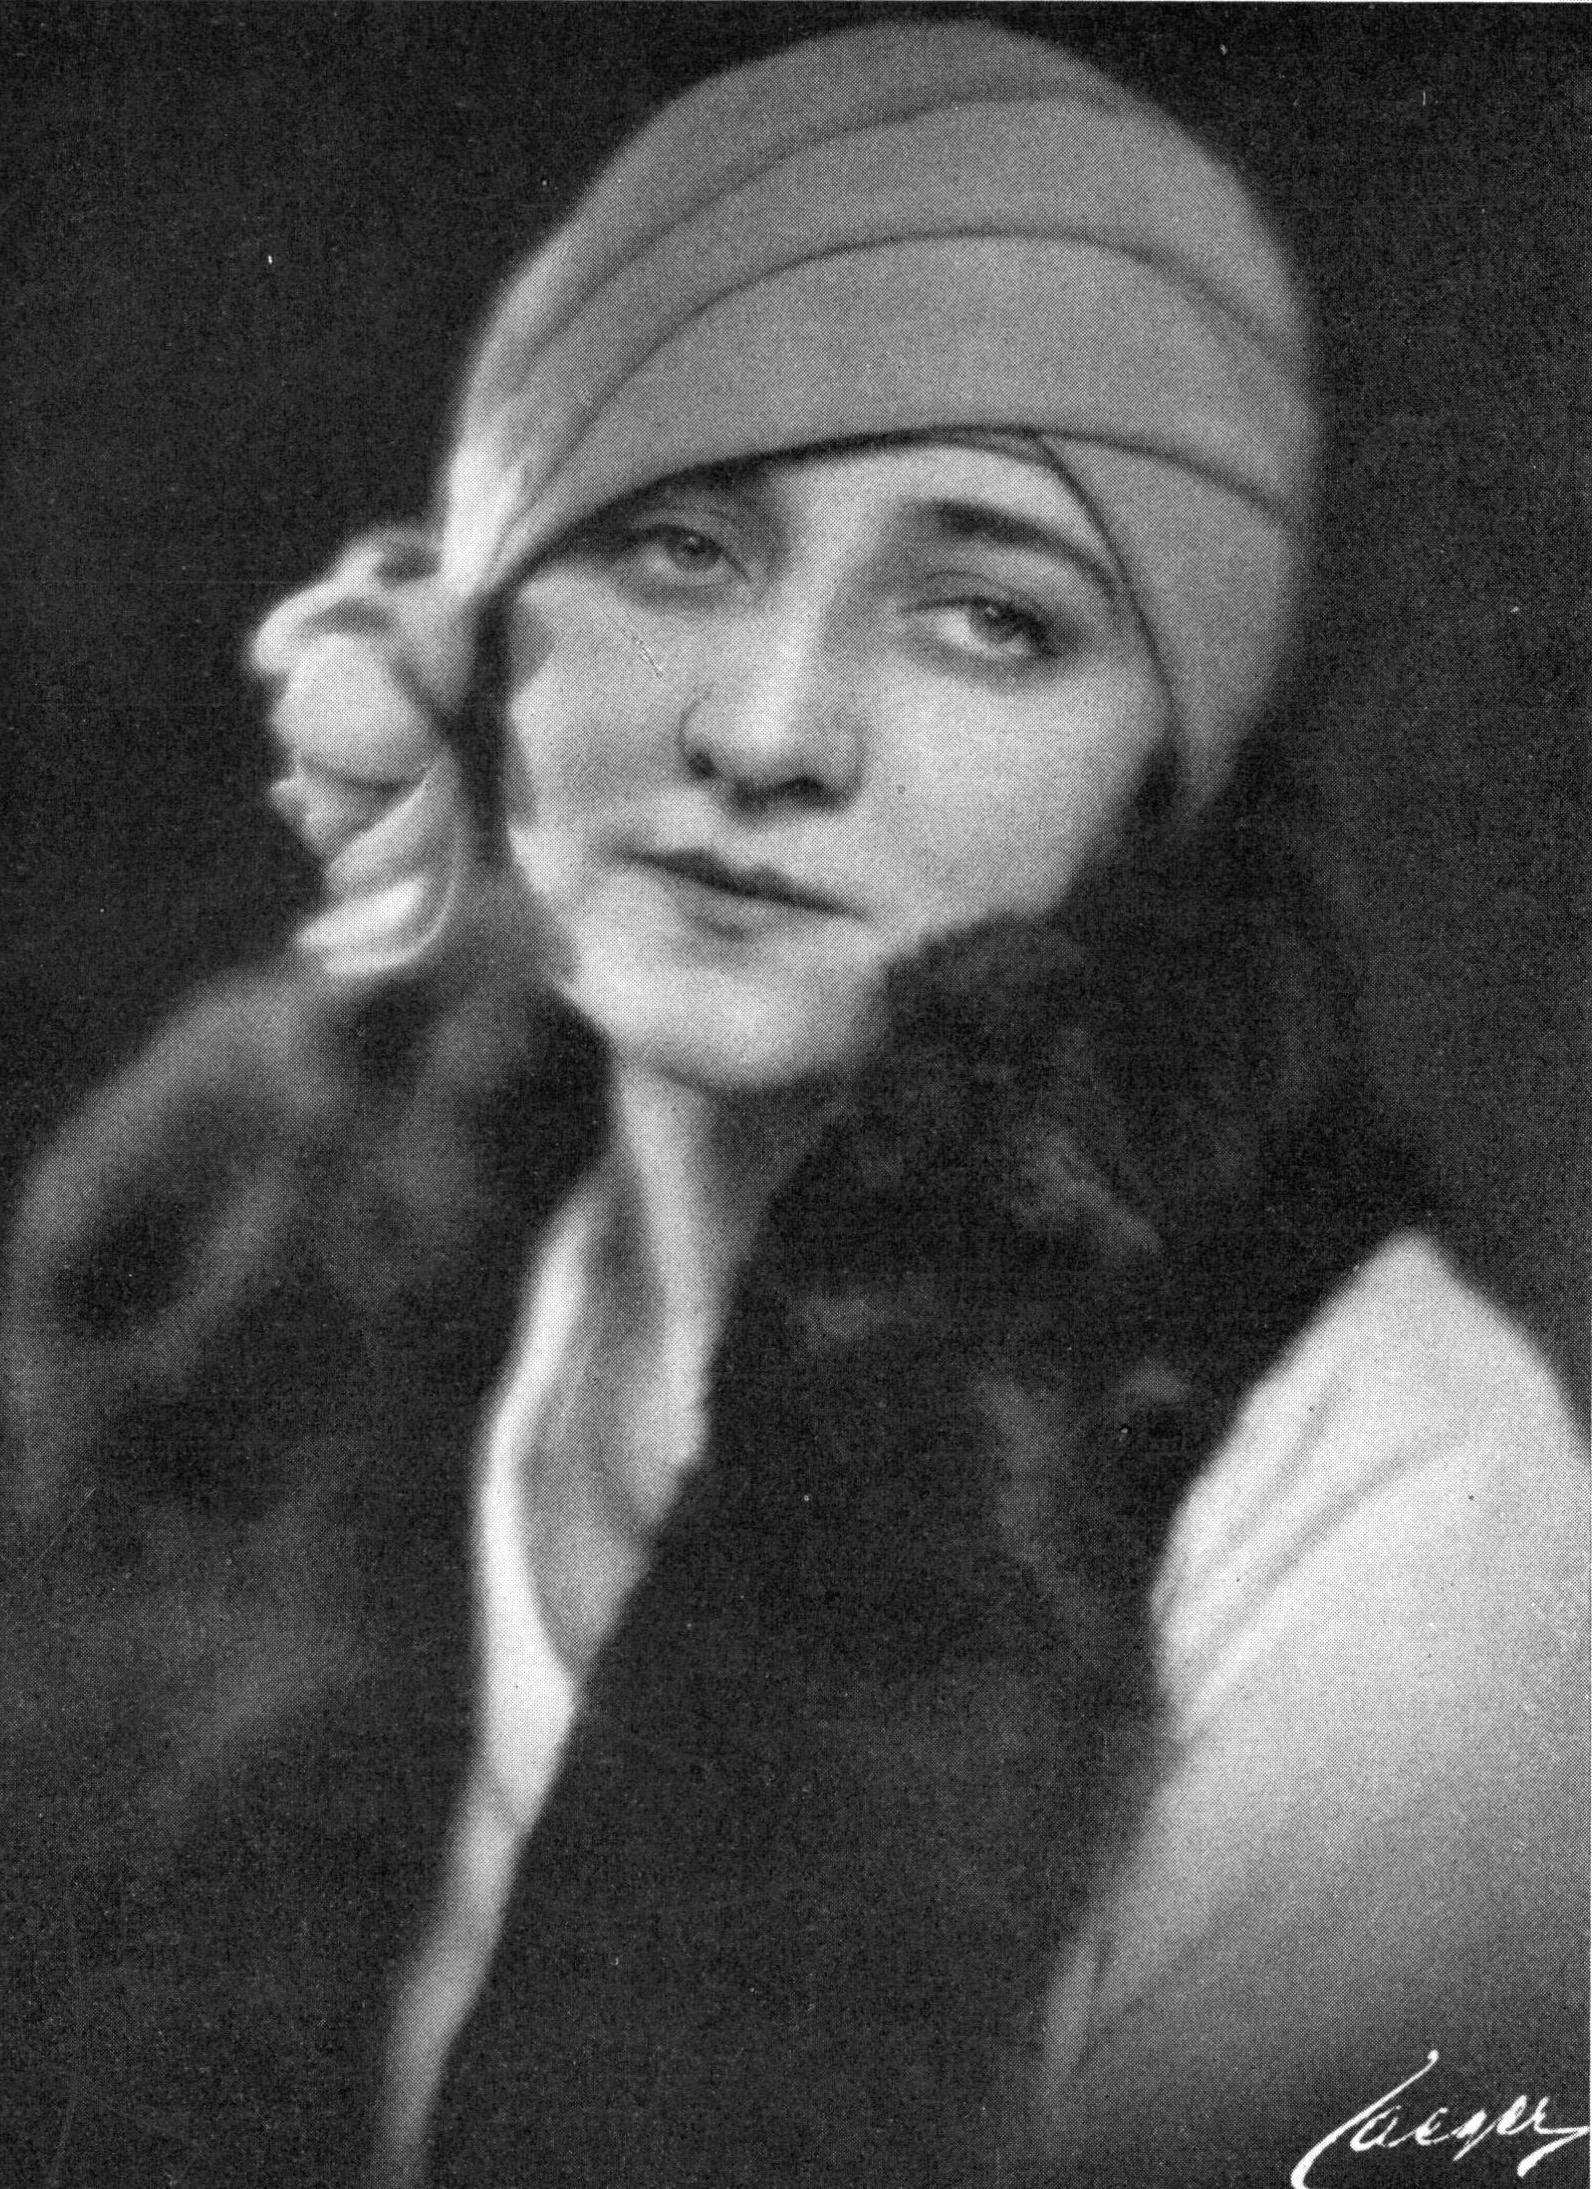 Alice Eklund i tidskriften Scenen, 1928. Foto: Atelier Jaeger (Wikimedia Commons)